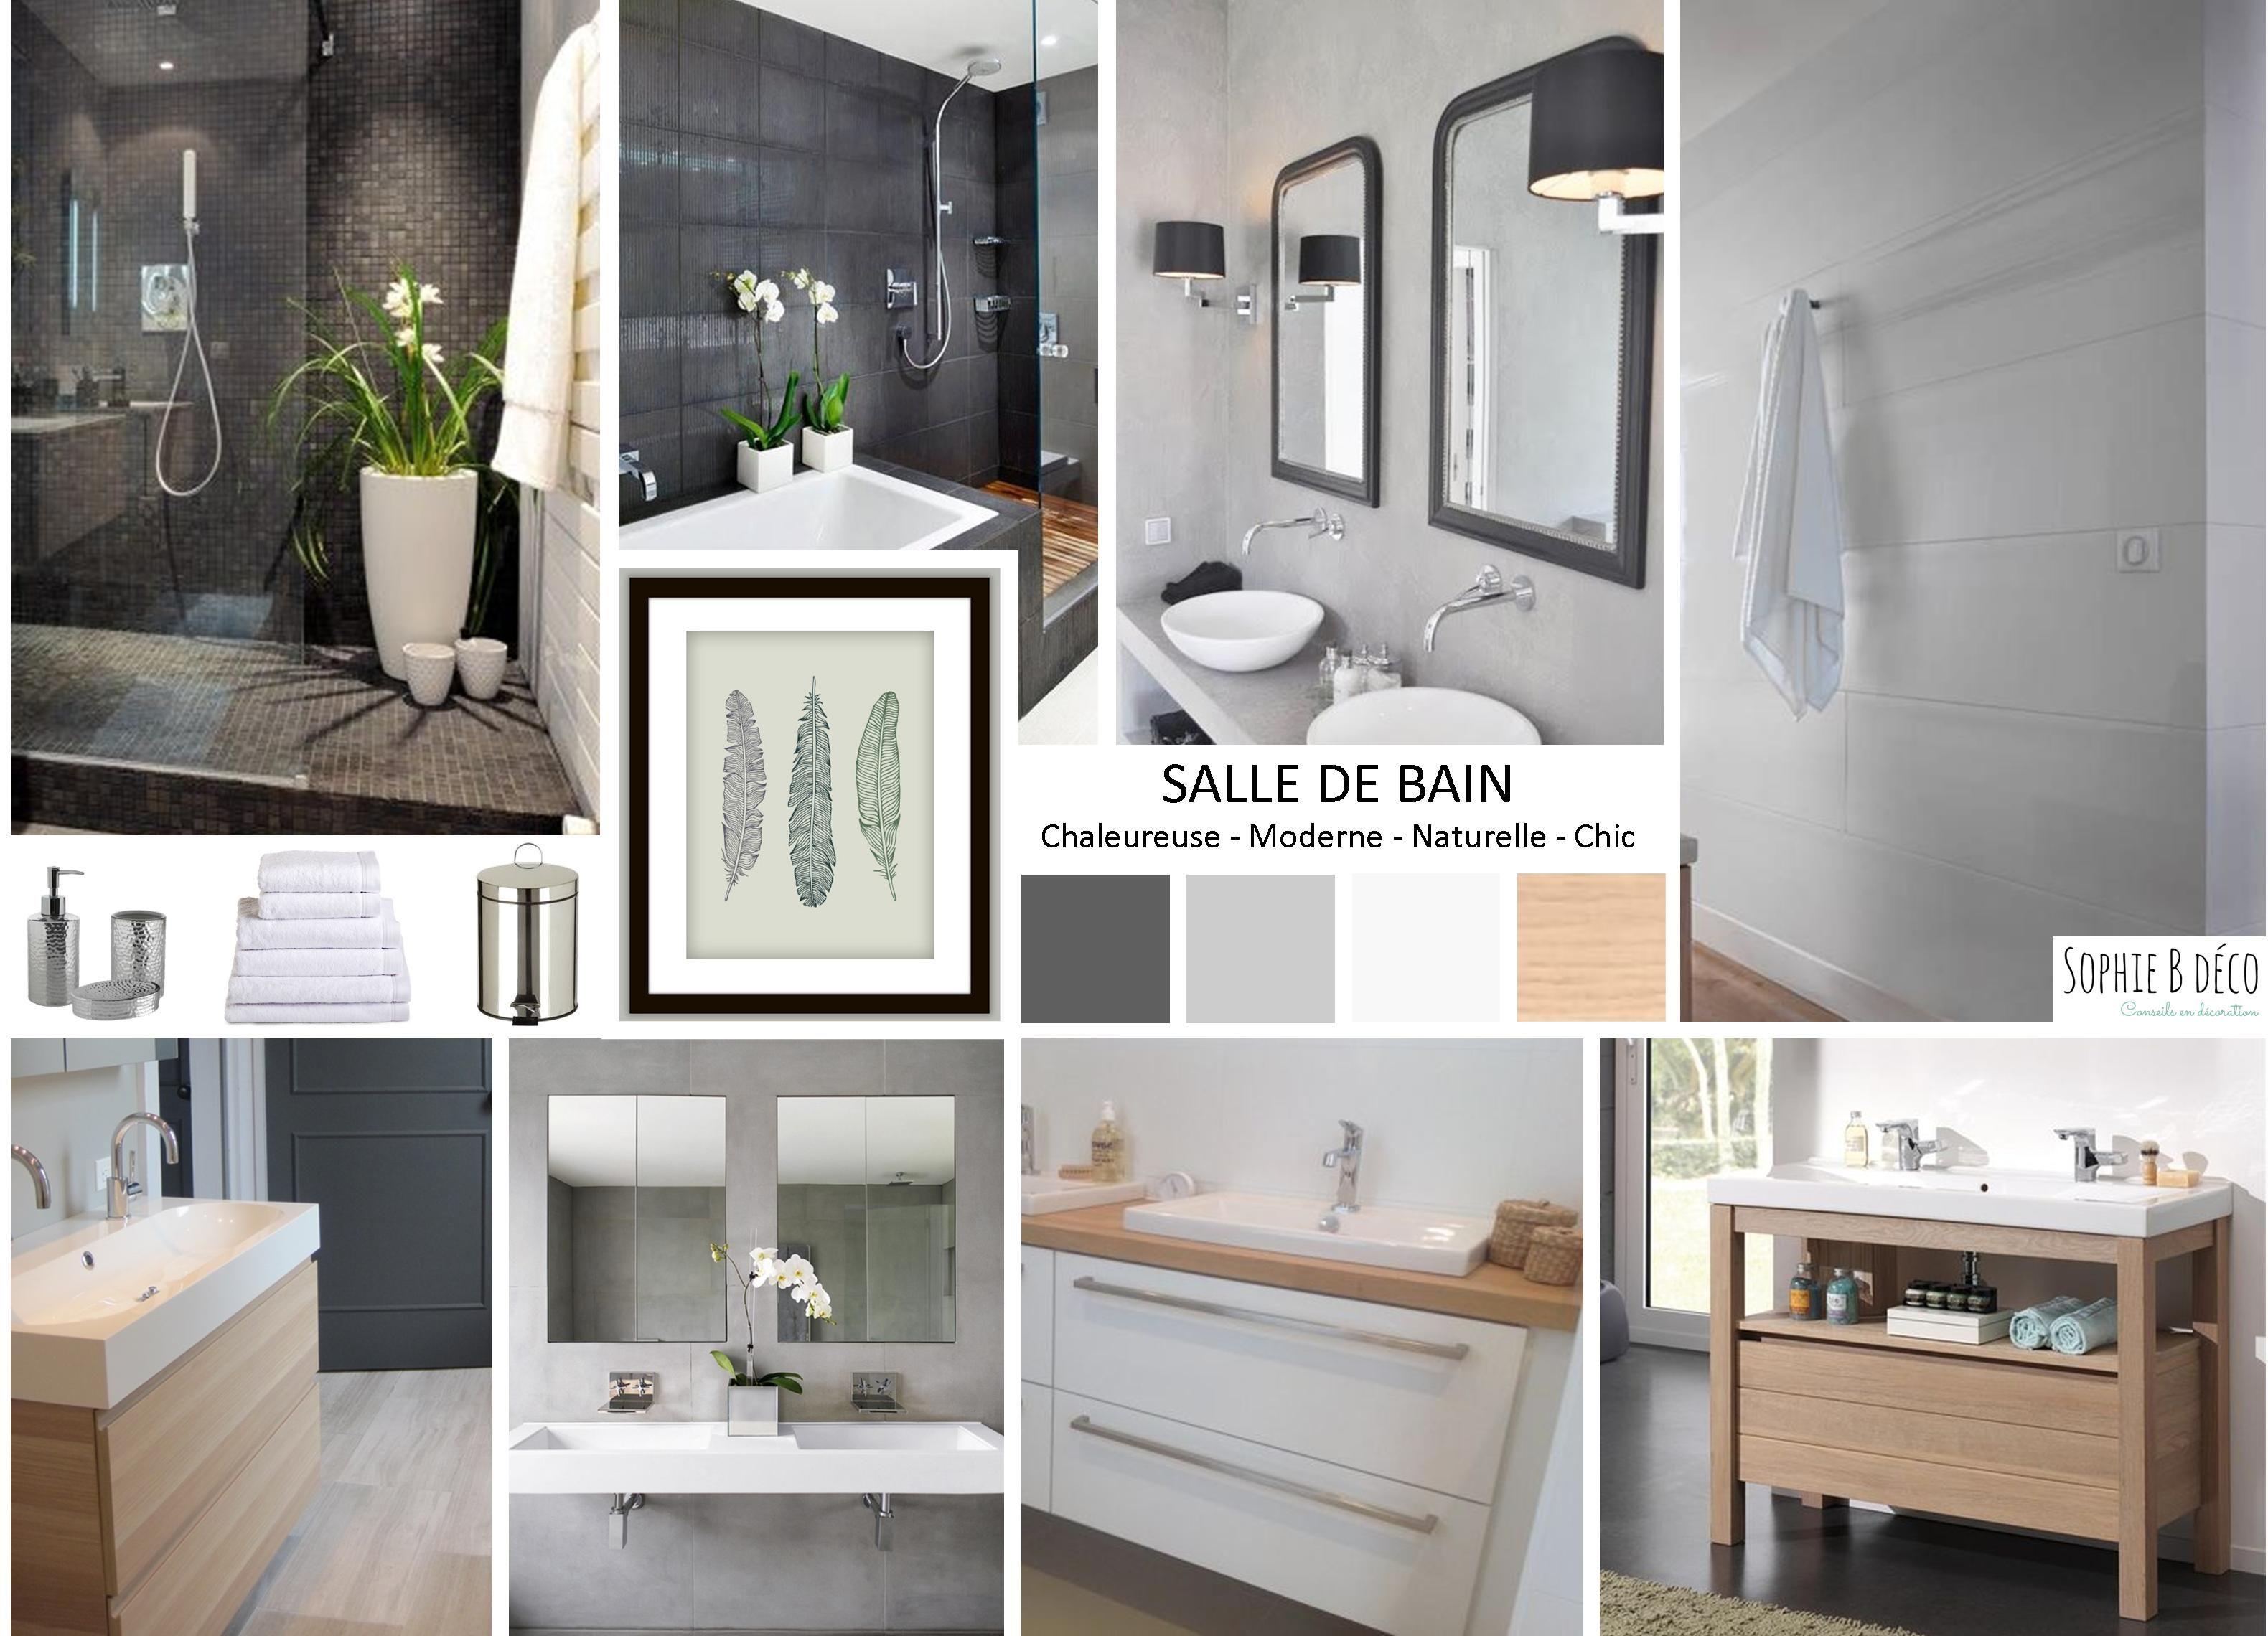 Planche tendance Salle de bain en gris blanc et bois Sophie B  Dcoratrice dintrieur www